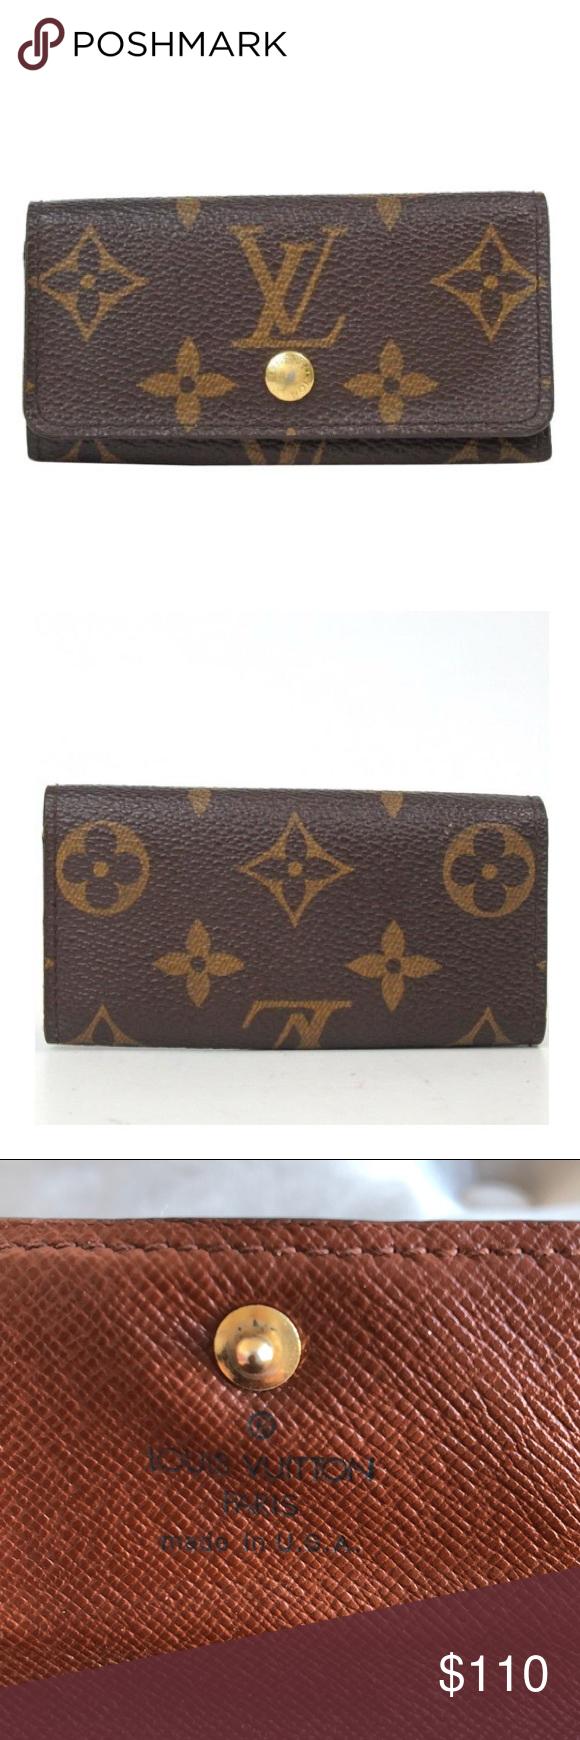 e13d539aaec2 Louis Vuitton Wallet Keychain Louis Vuitton Keychain wallet. Worn with lots  of love. I